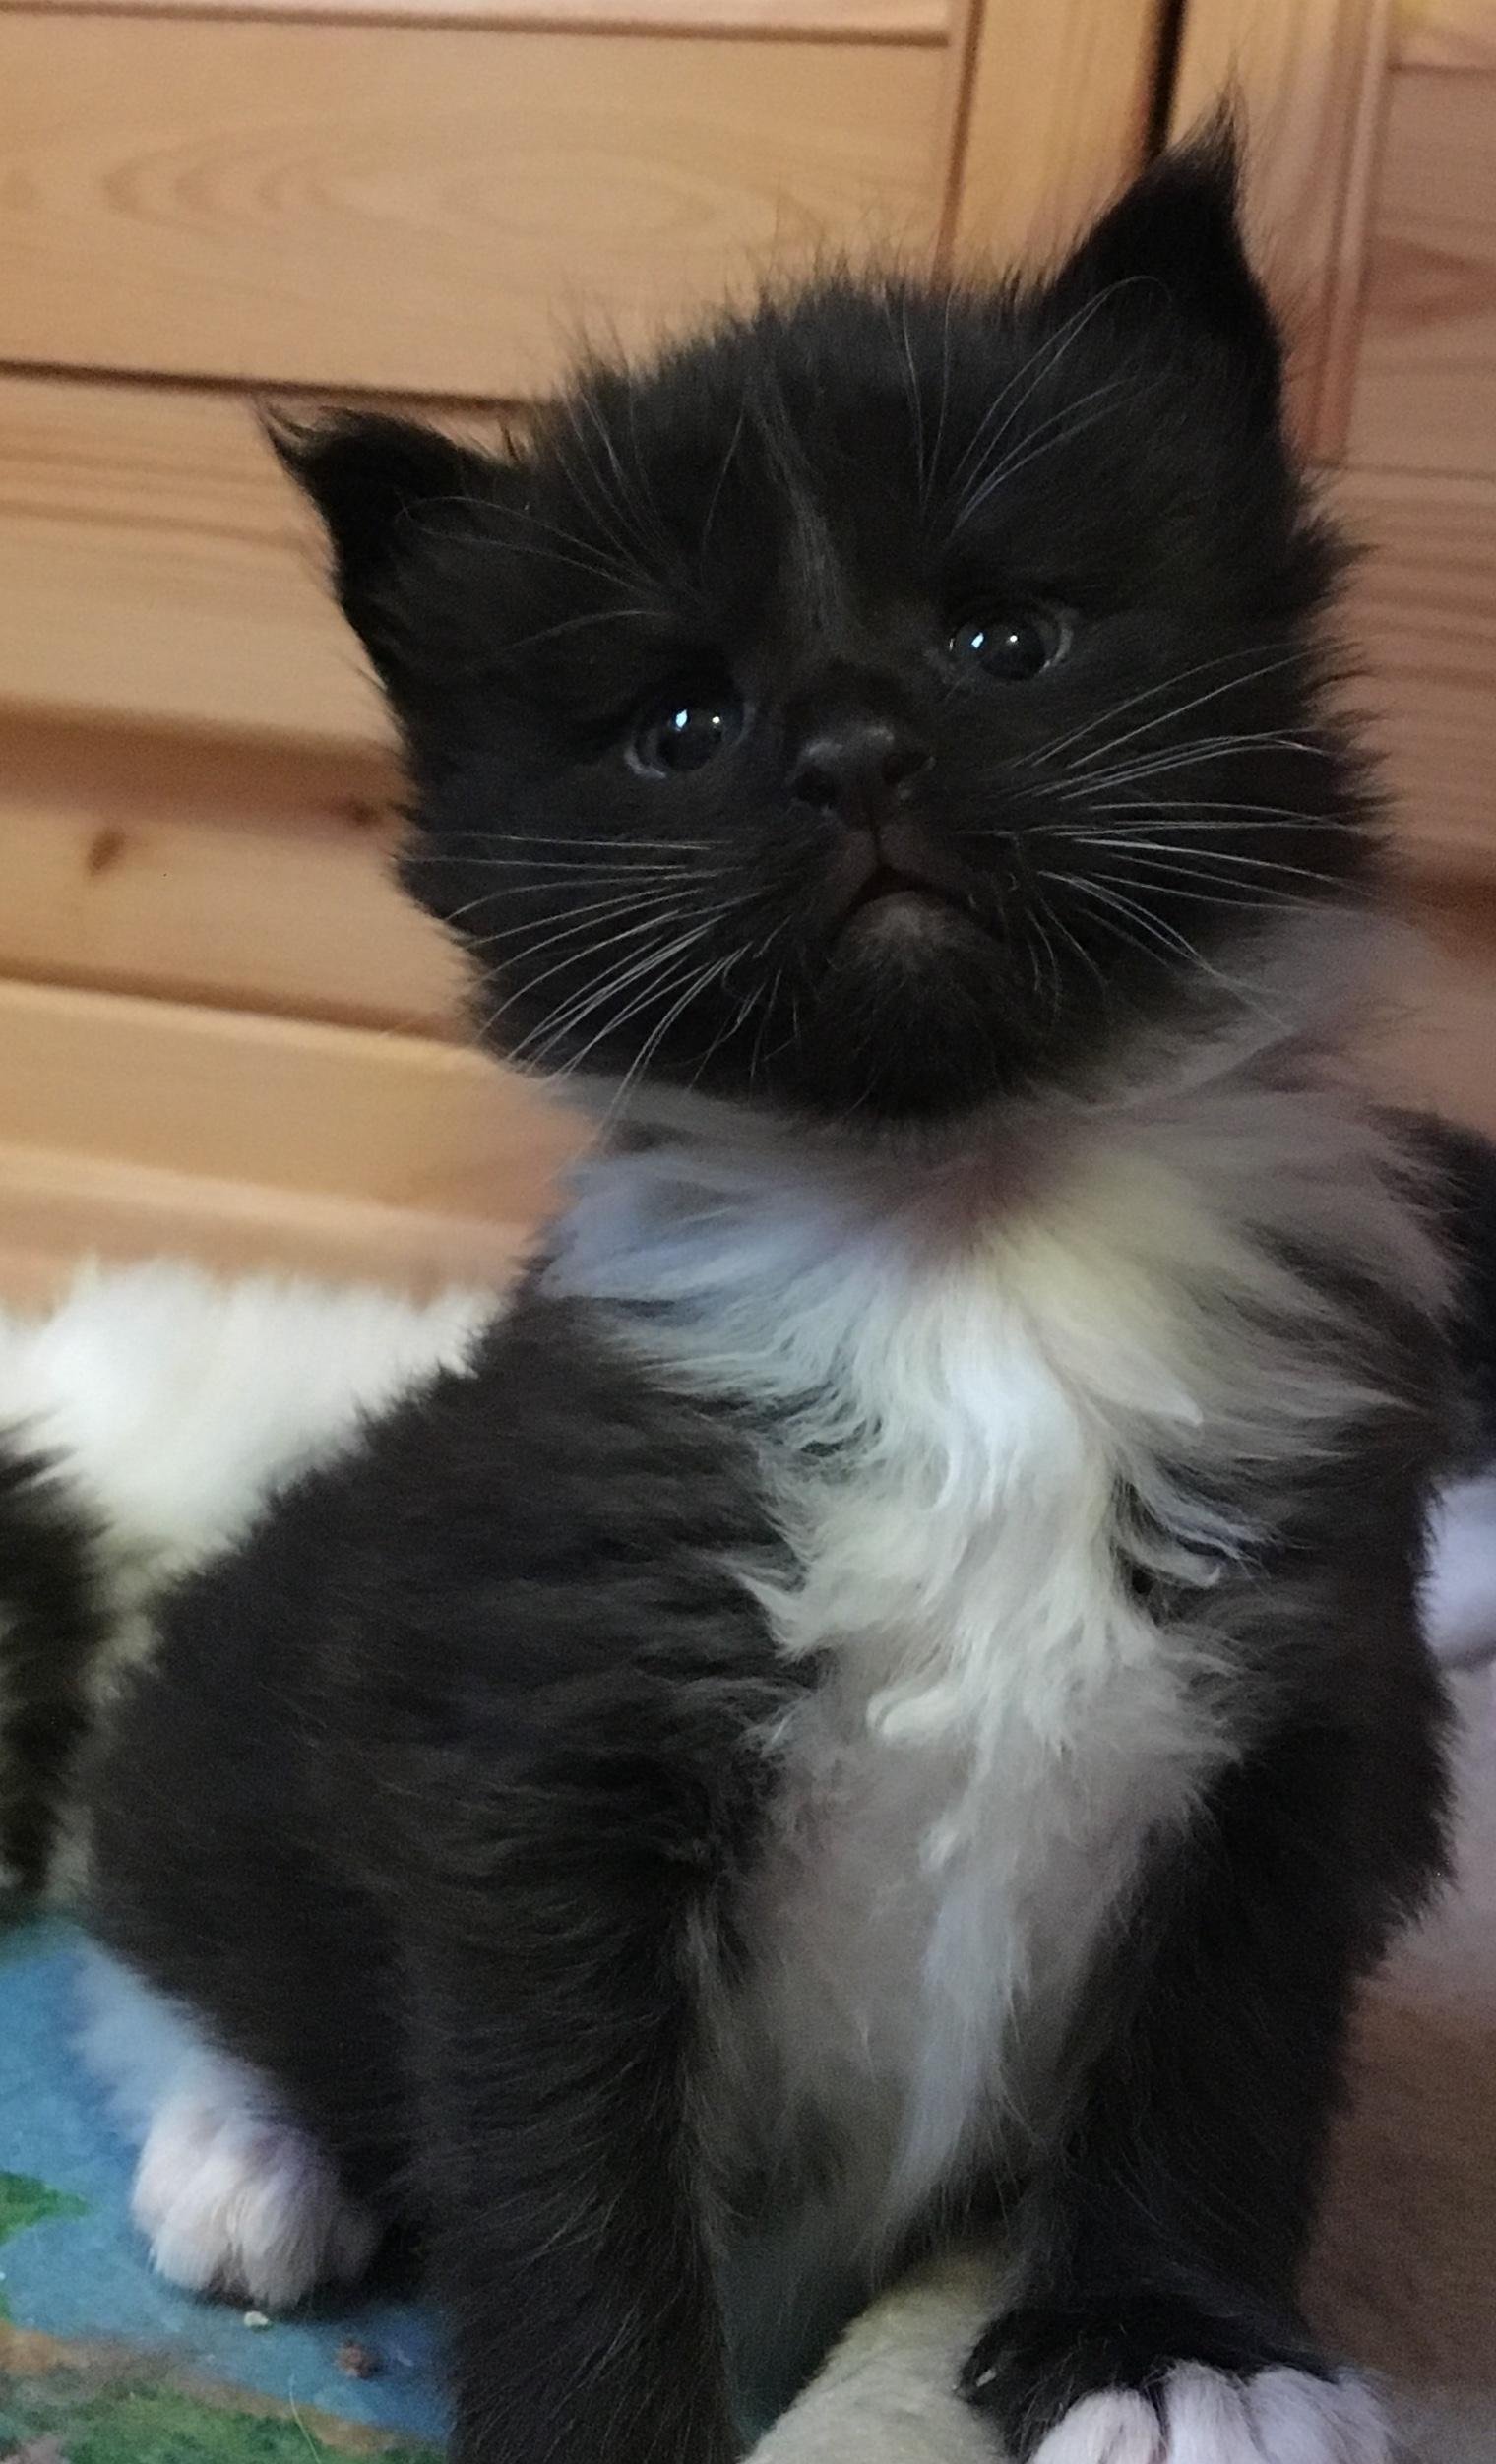 kočka 346VRH E     21.11.2017